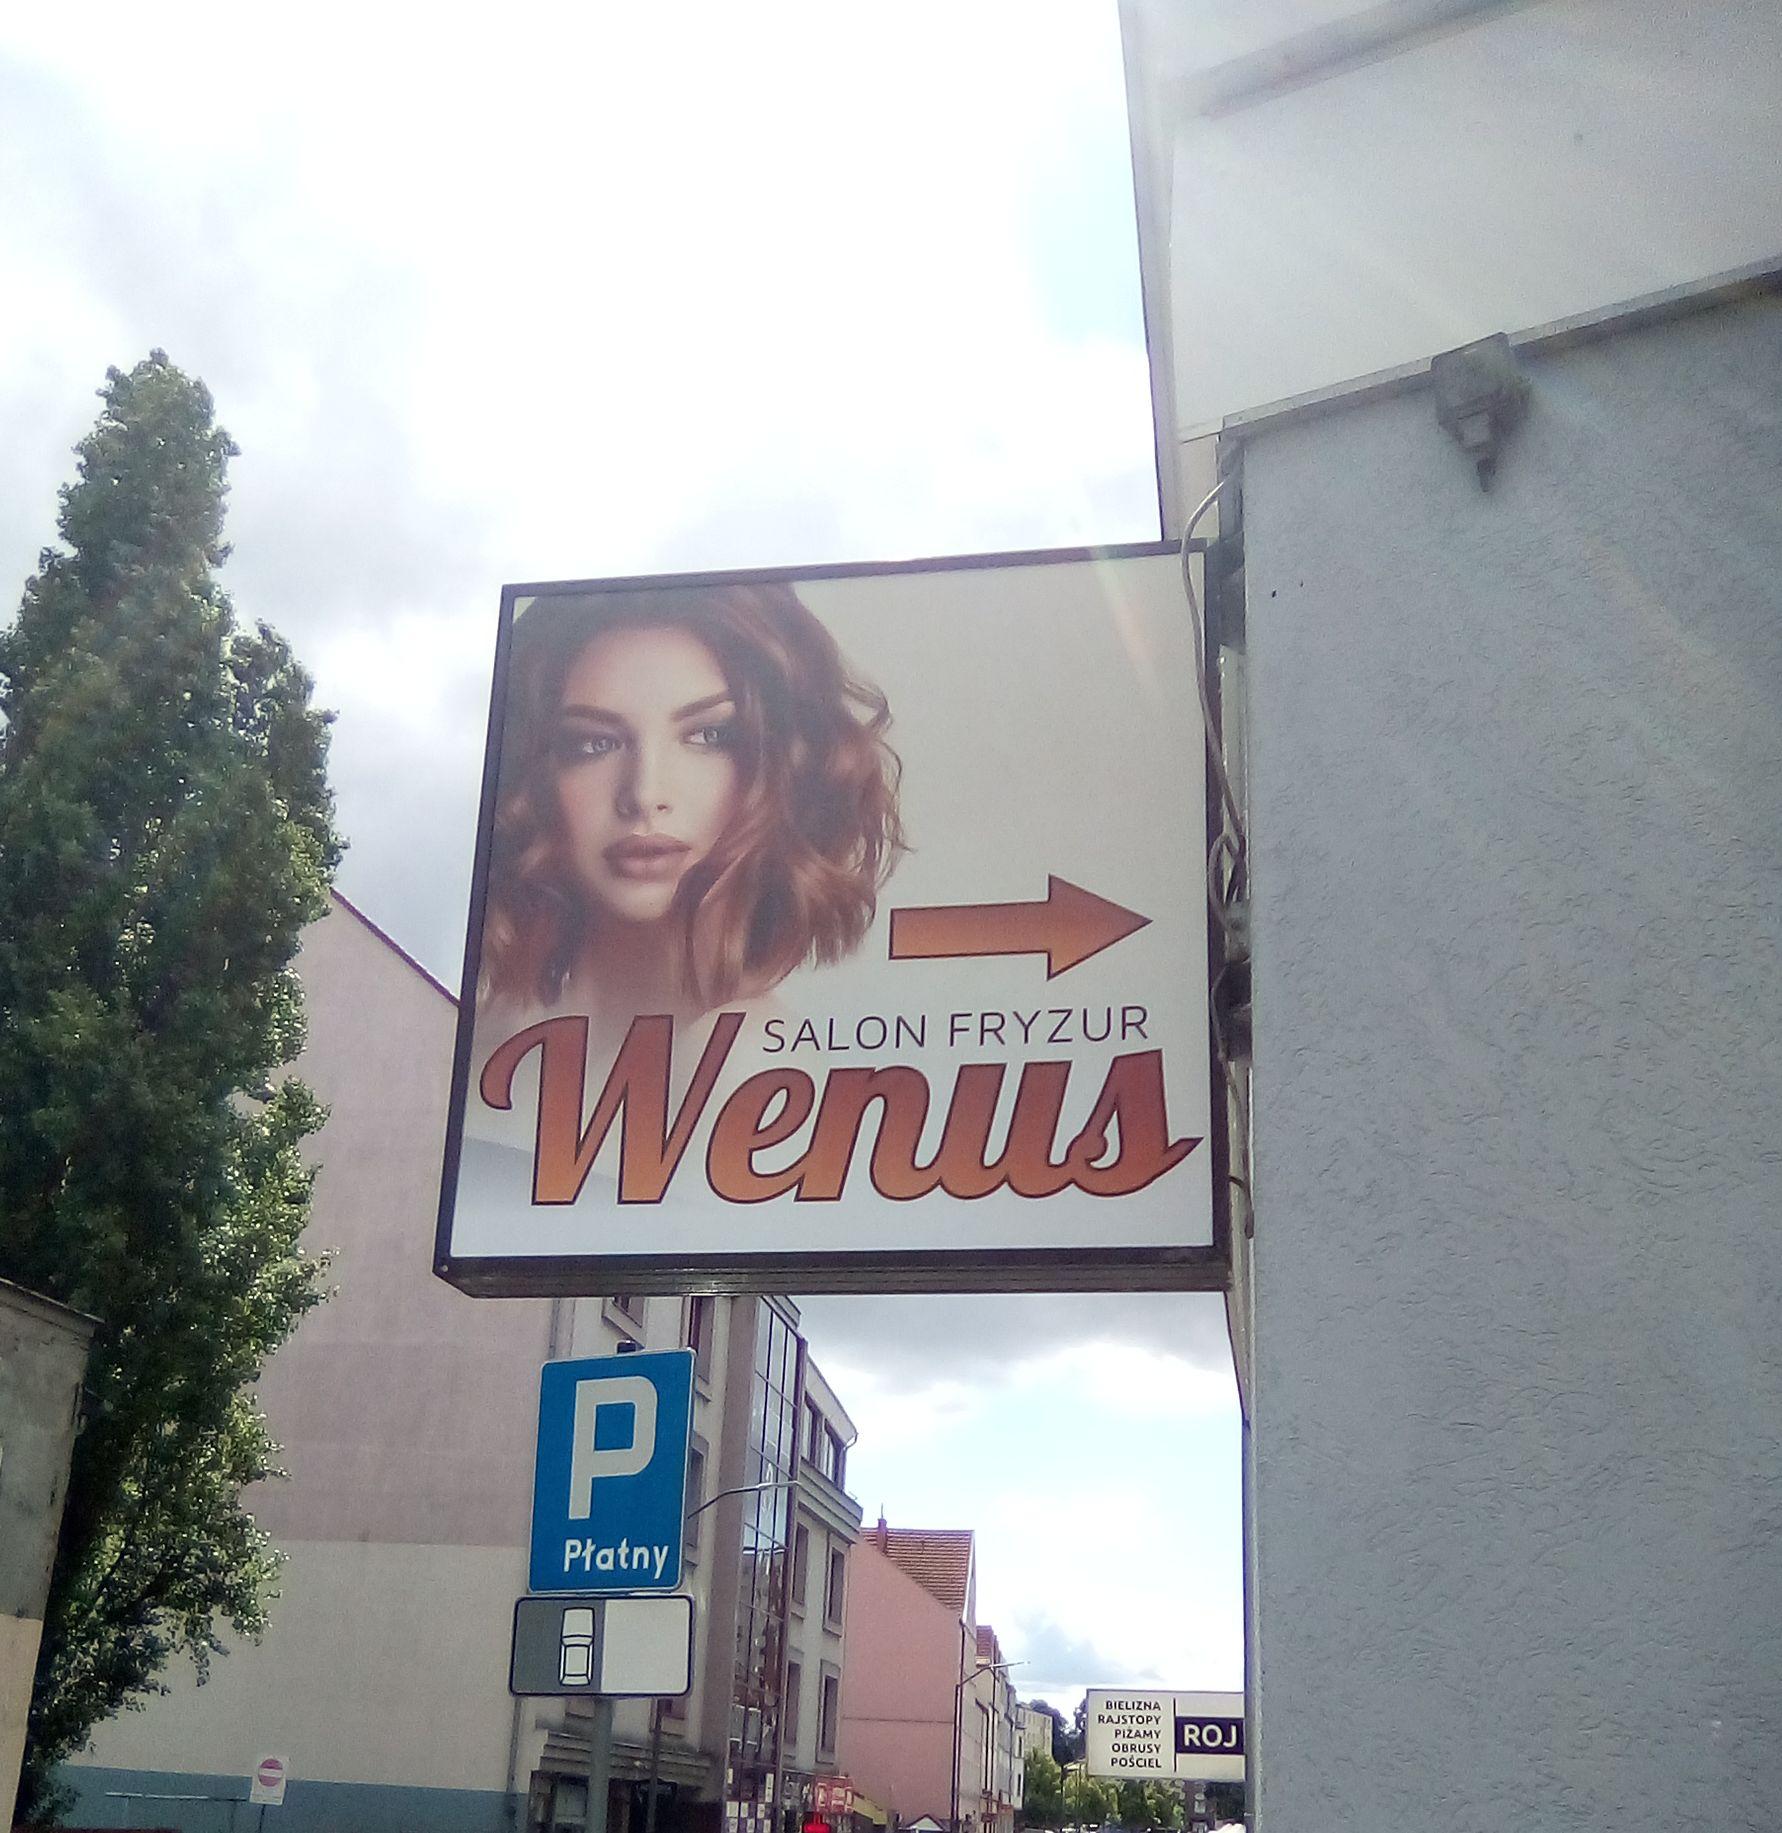 Oklejenie kasetonu i okna folią OWV dla Wenus Salonu fryzur